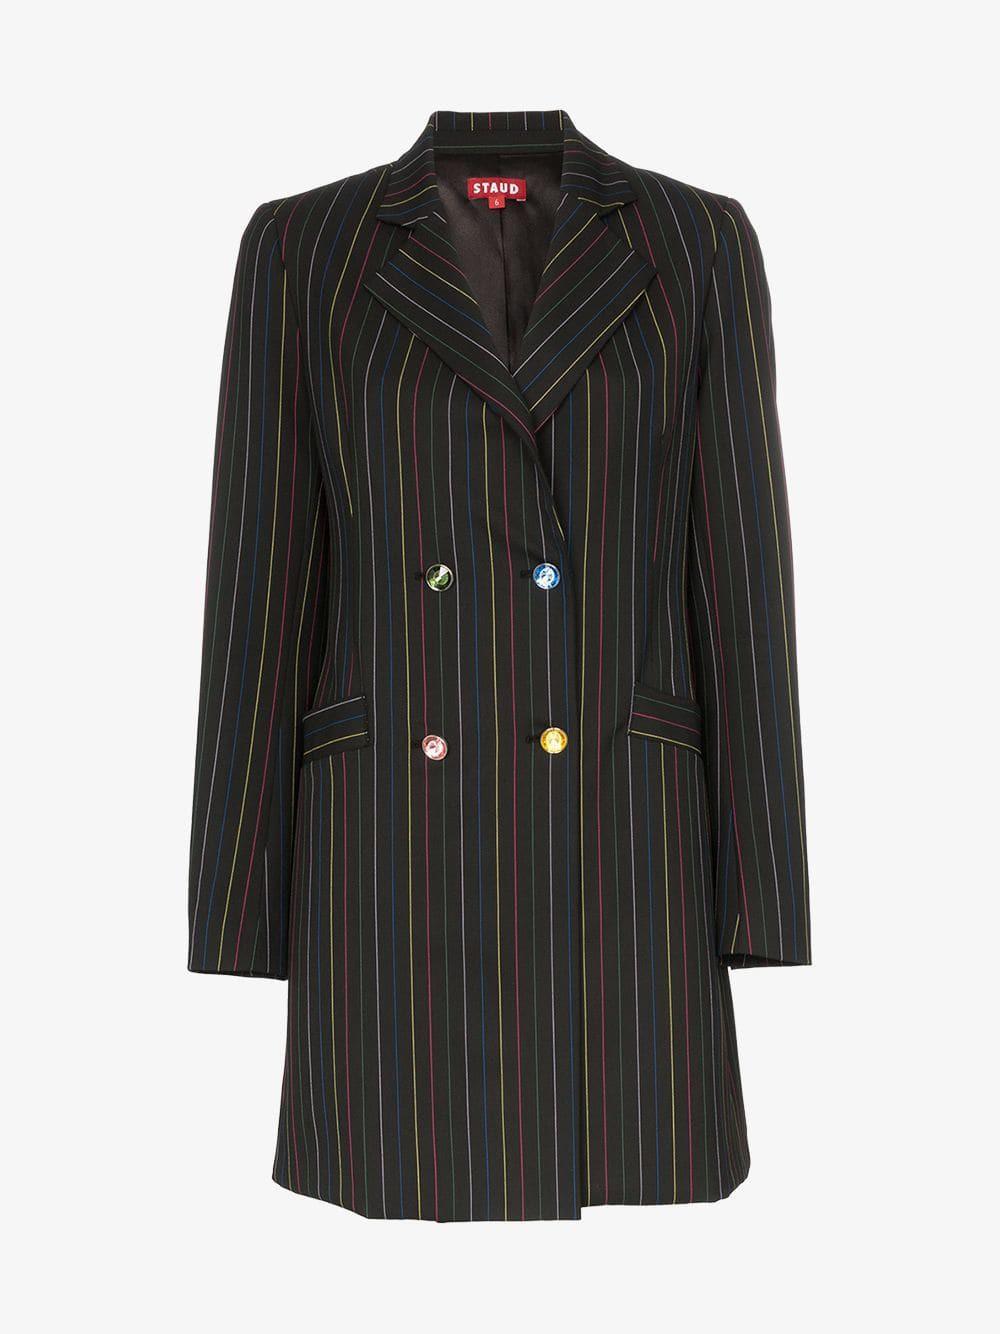 Staud Roxy rainbow stripe blazer mini dress in black